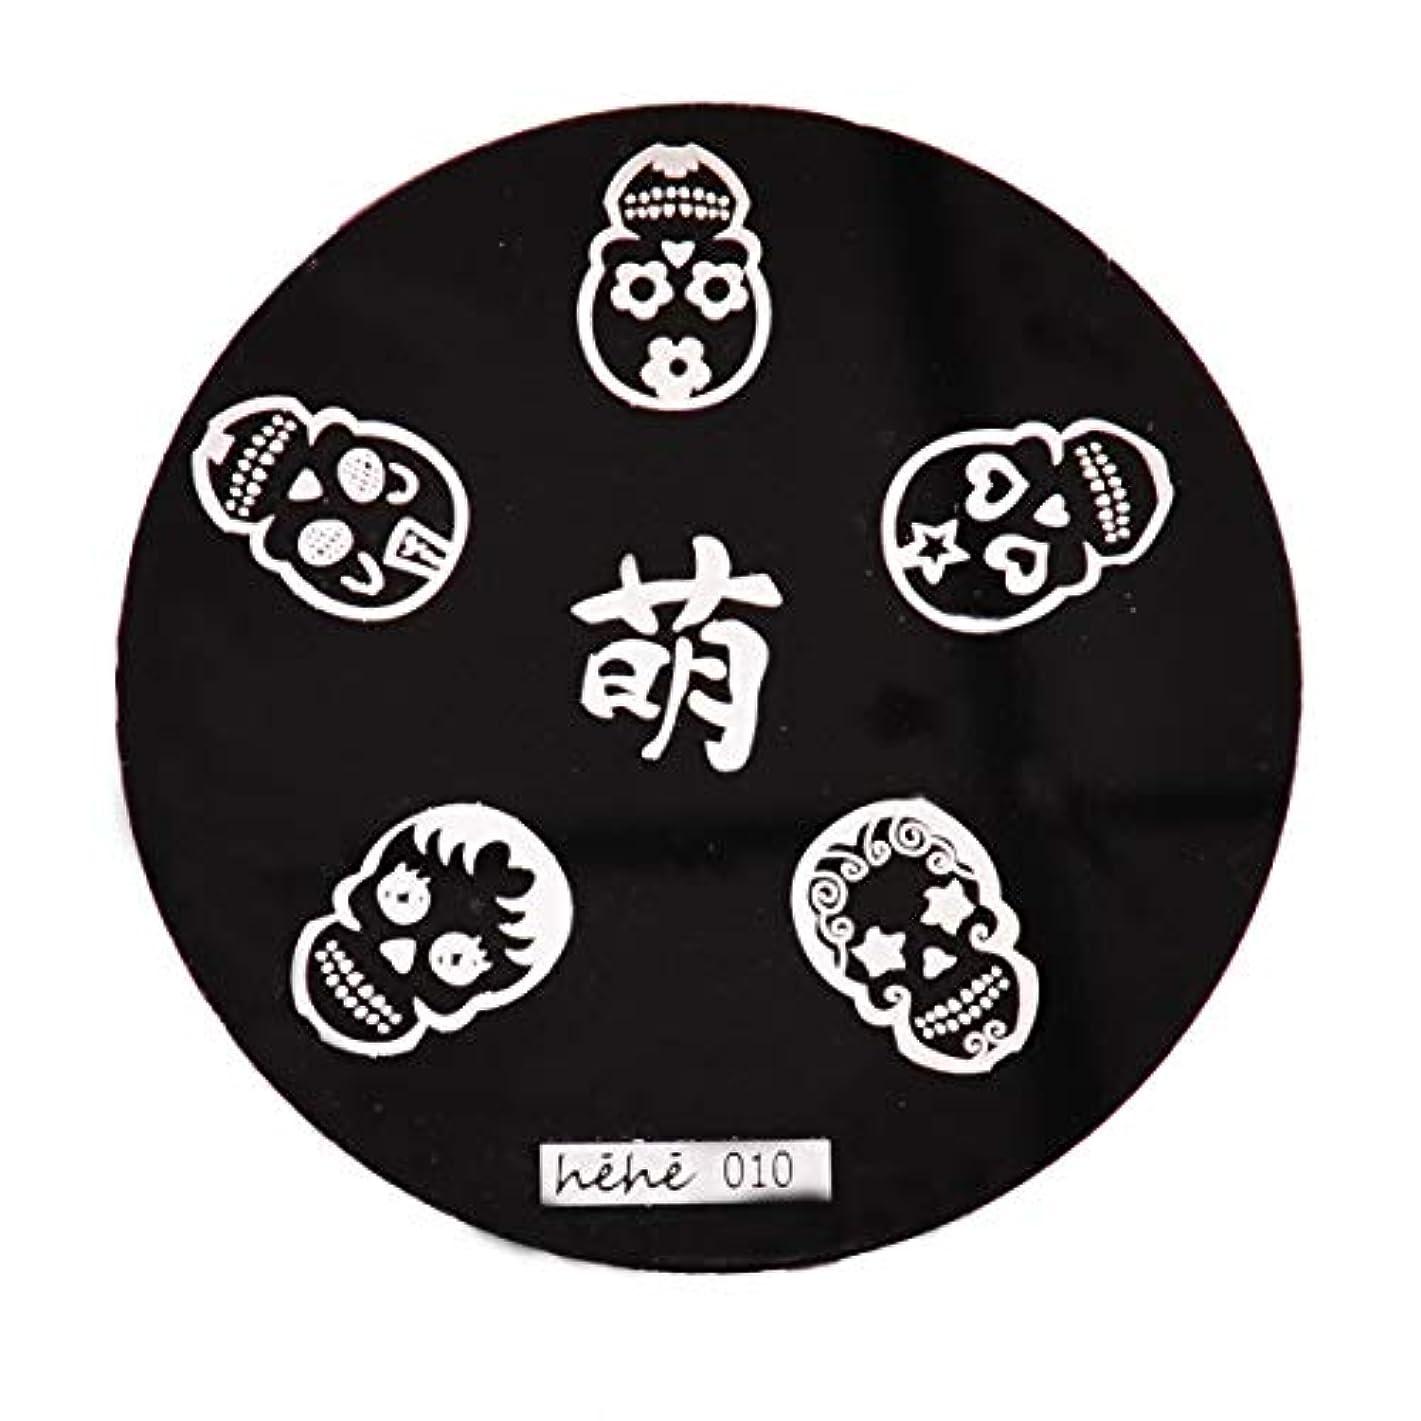 刺す軍団切手Wadachikis ネイルアートグラフィックプレートプレートプレートブラシ(None 10)